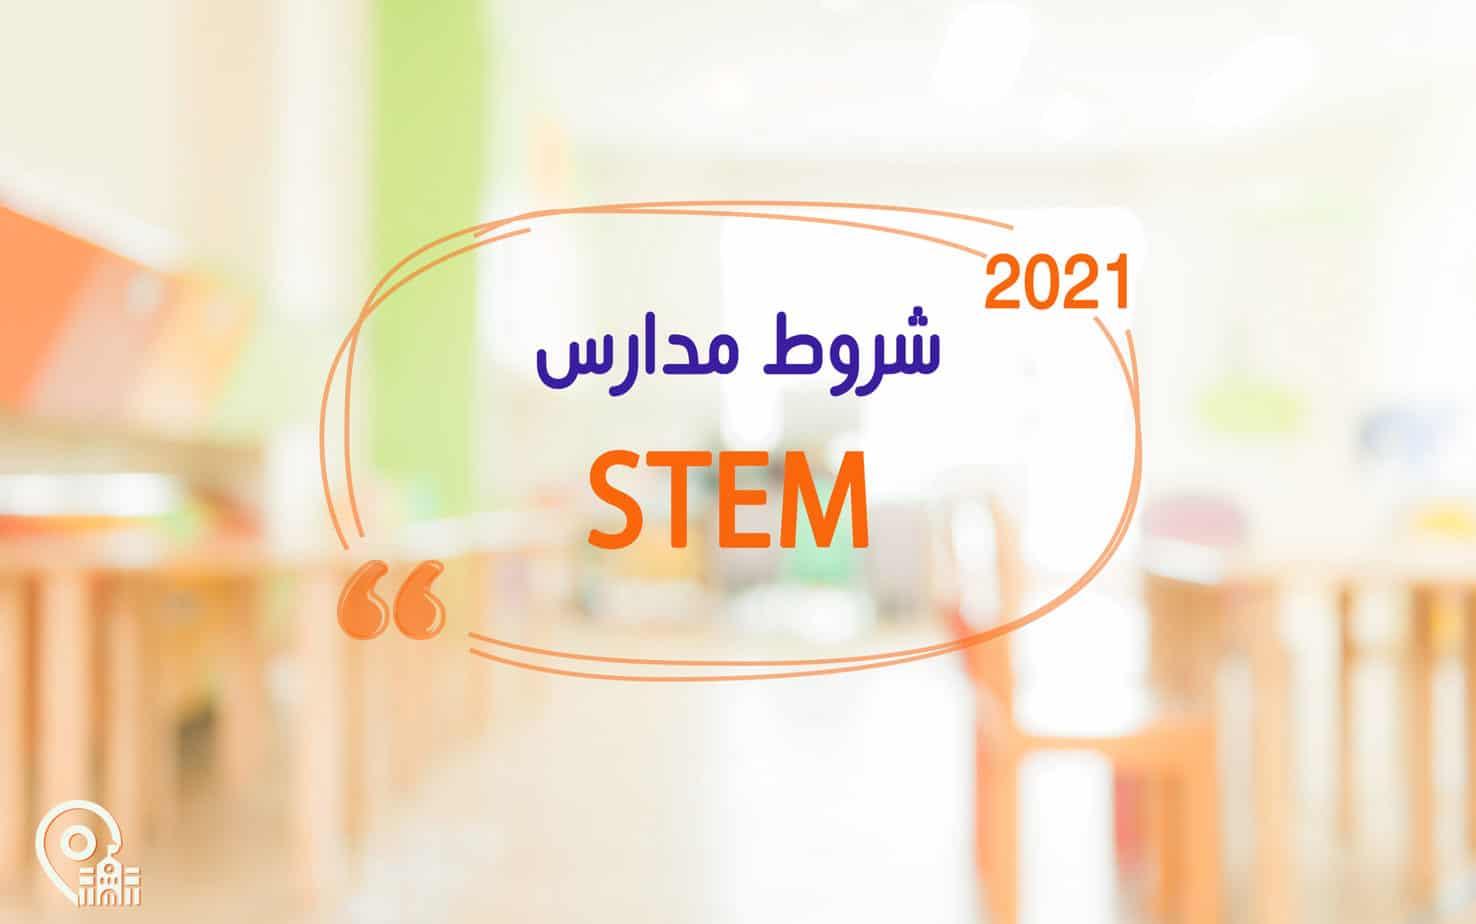 شروط مدارس STEM لعام 2021